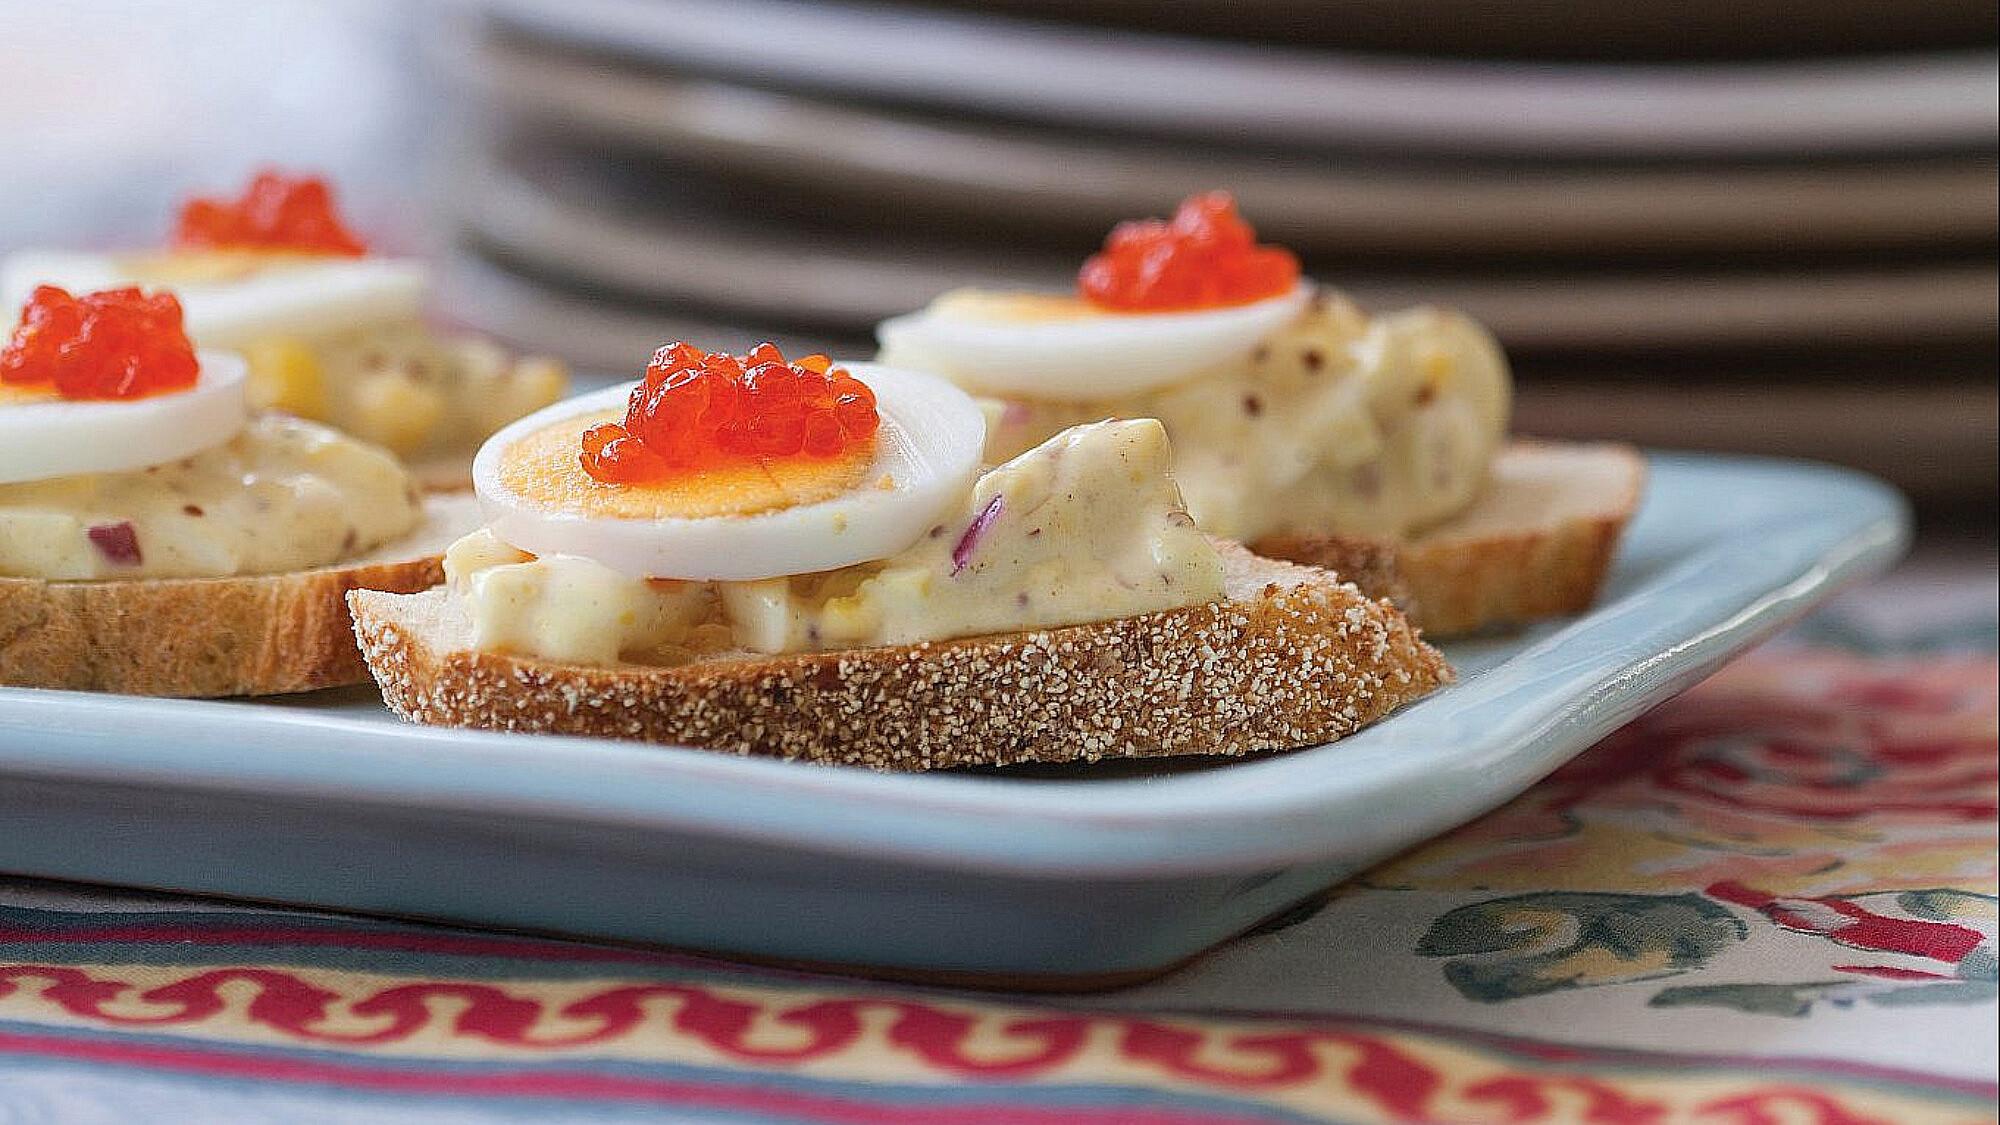 סלט ביצים עם מיונז ביתי ושני סוגי חרדל של תום פרנץ צילום: דניאל לילה. סטיילינג: עמית פרבר